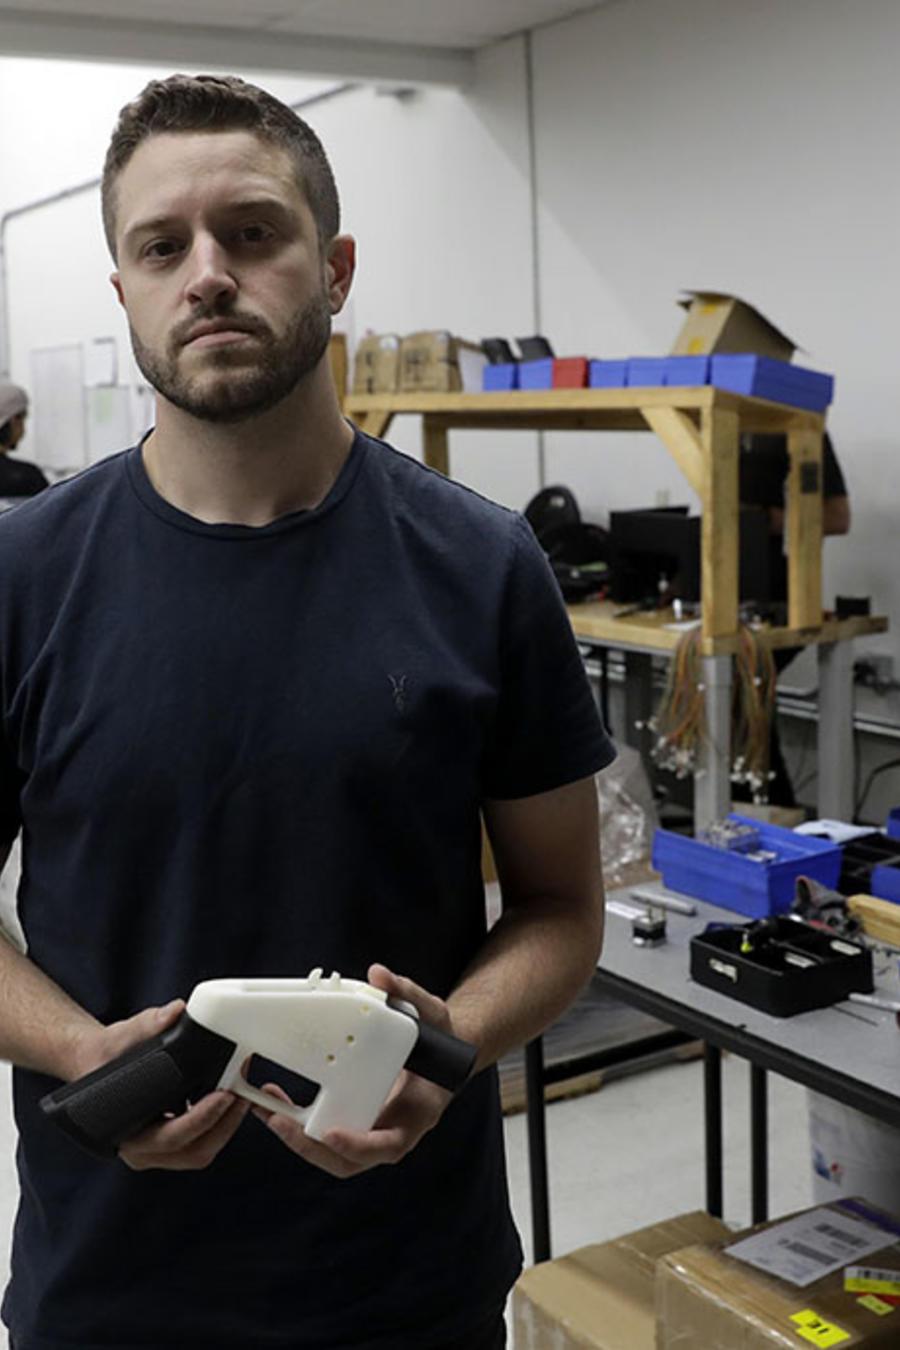 Cody Wilson, el creador de las armas 3D, enfrenta una orden de arresto por asalto sexual a una menor.